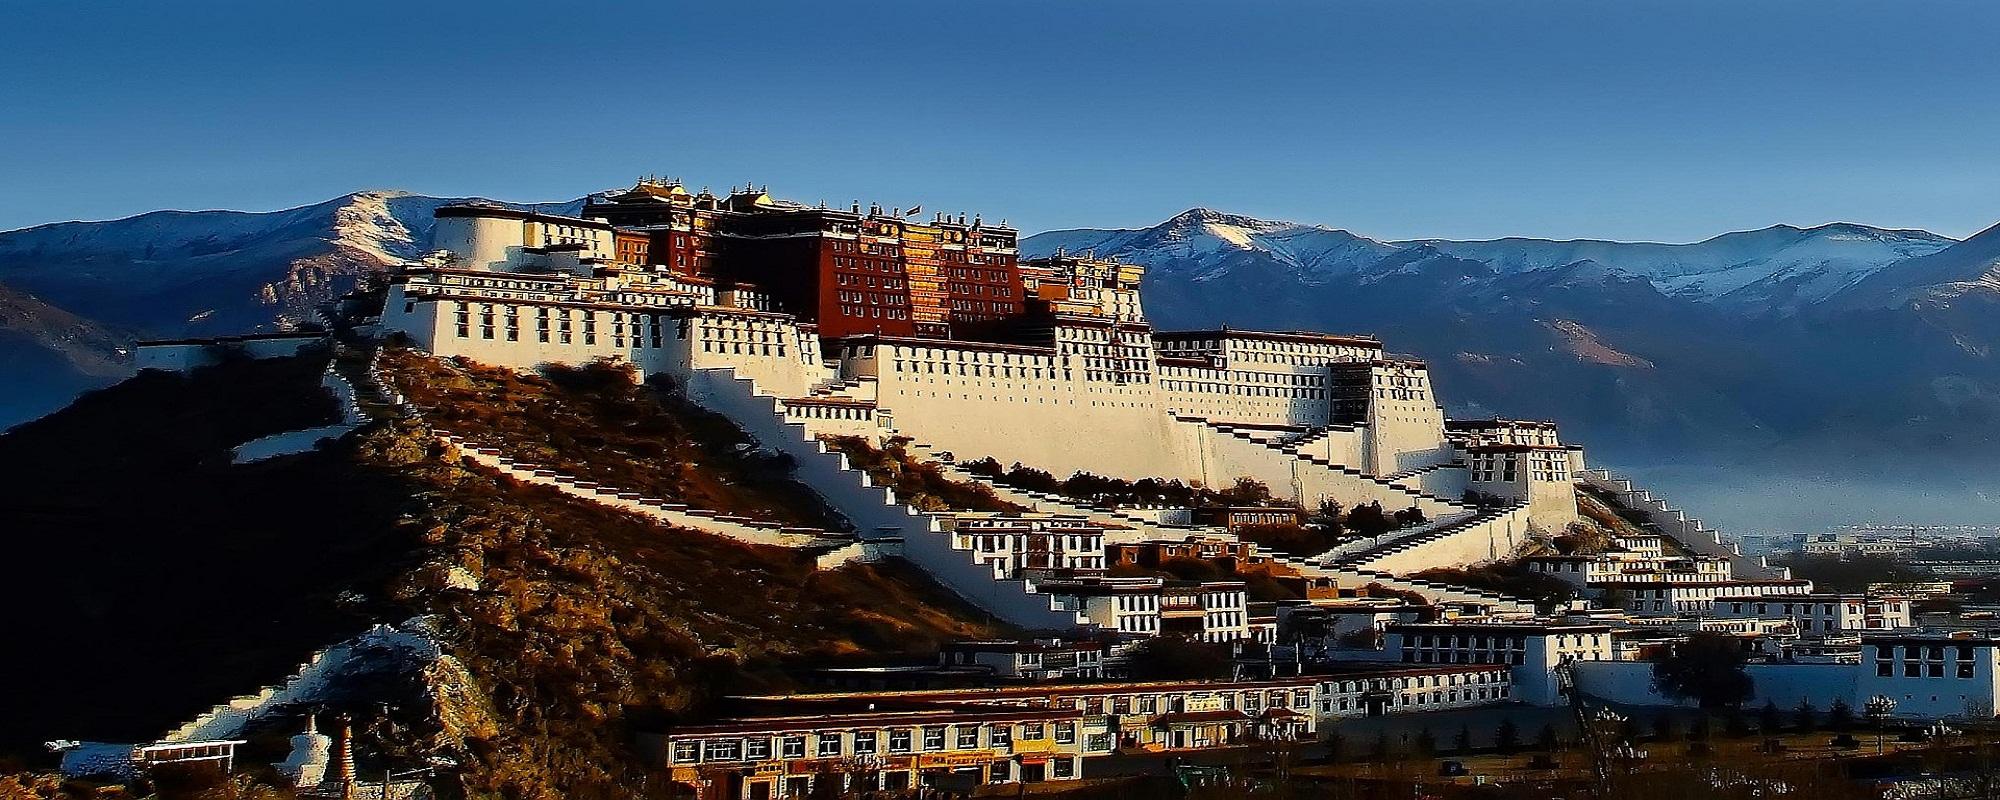 Lhasa City Tour